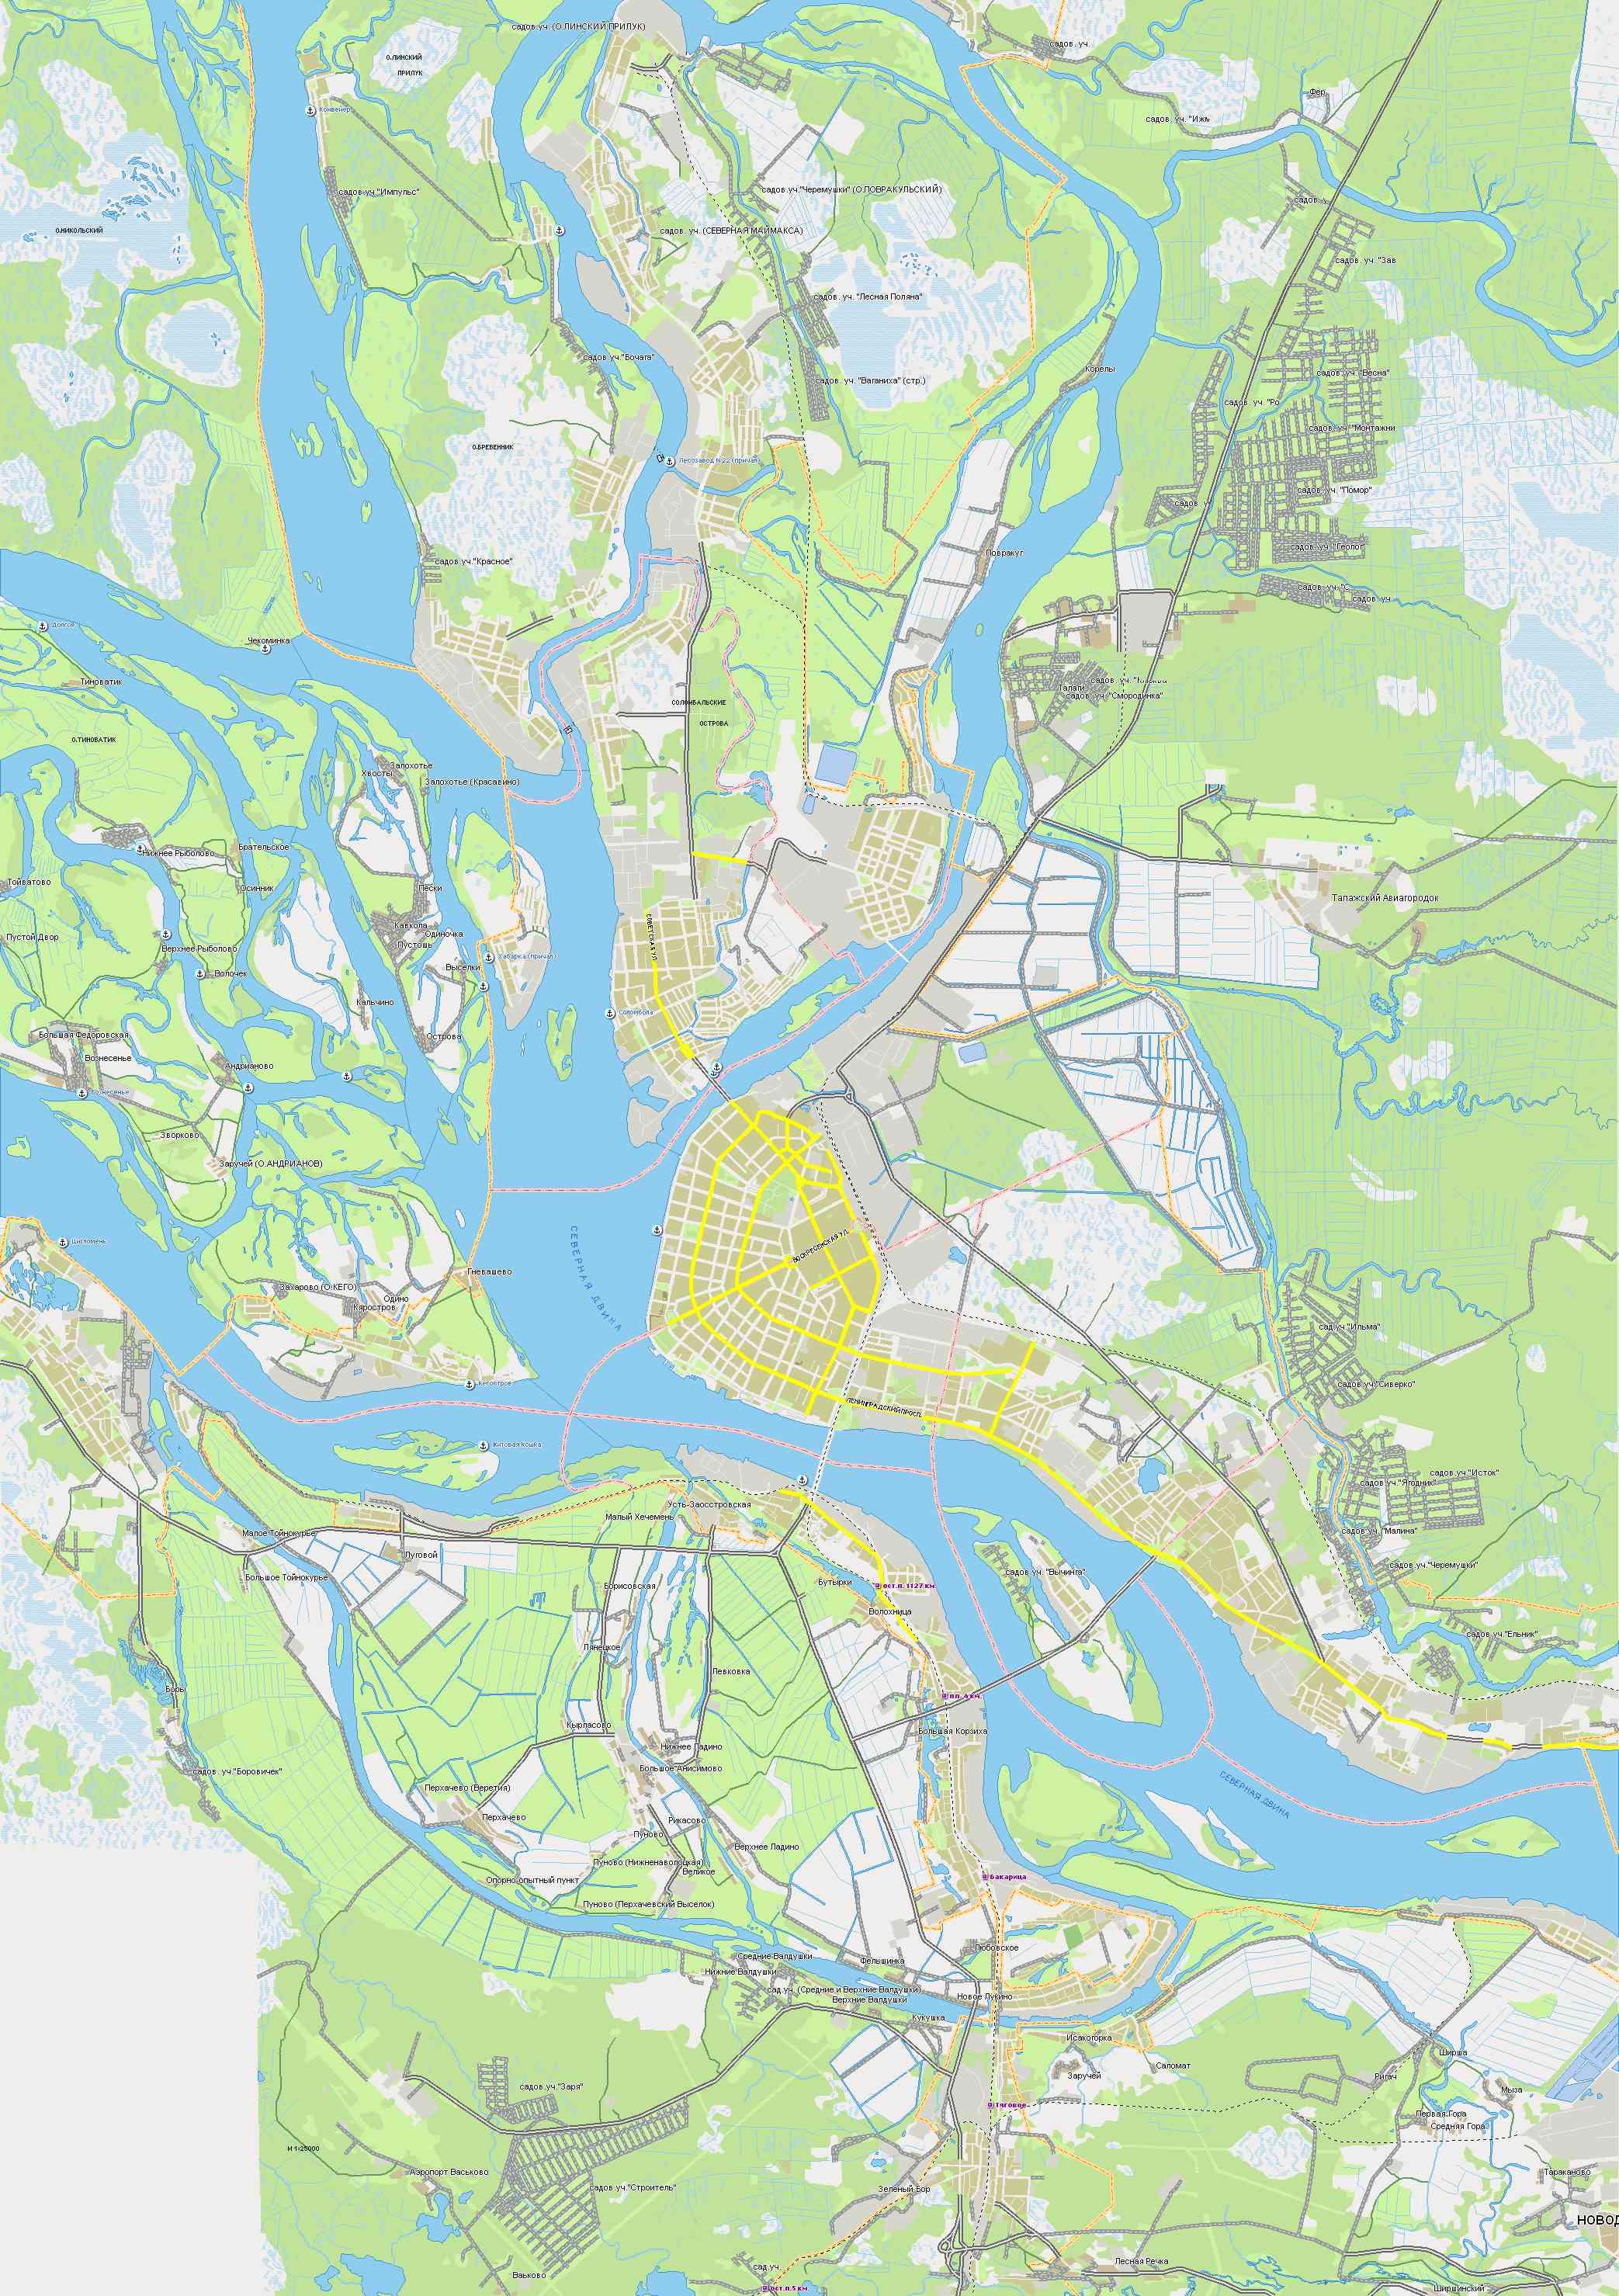 Карта схема улиц автомобильная карта